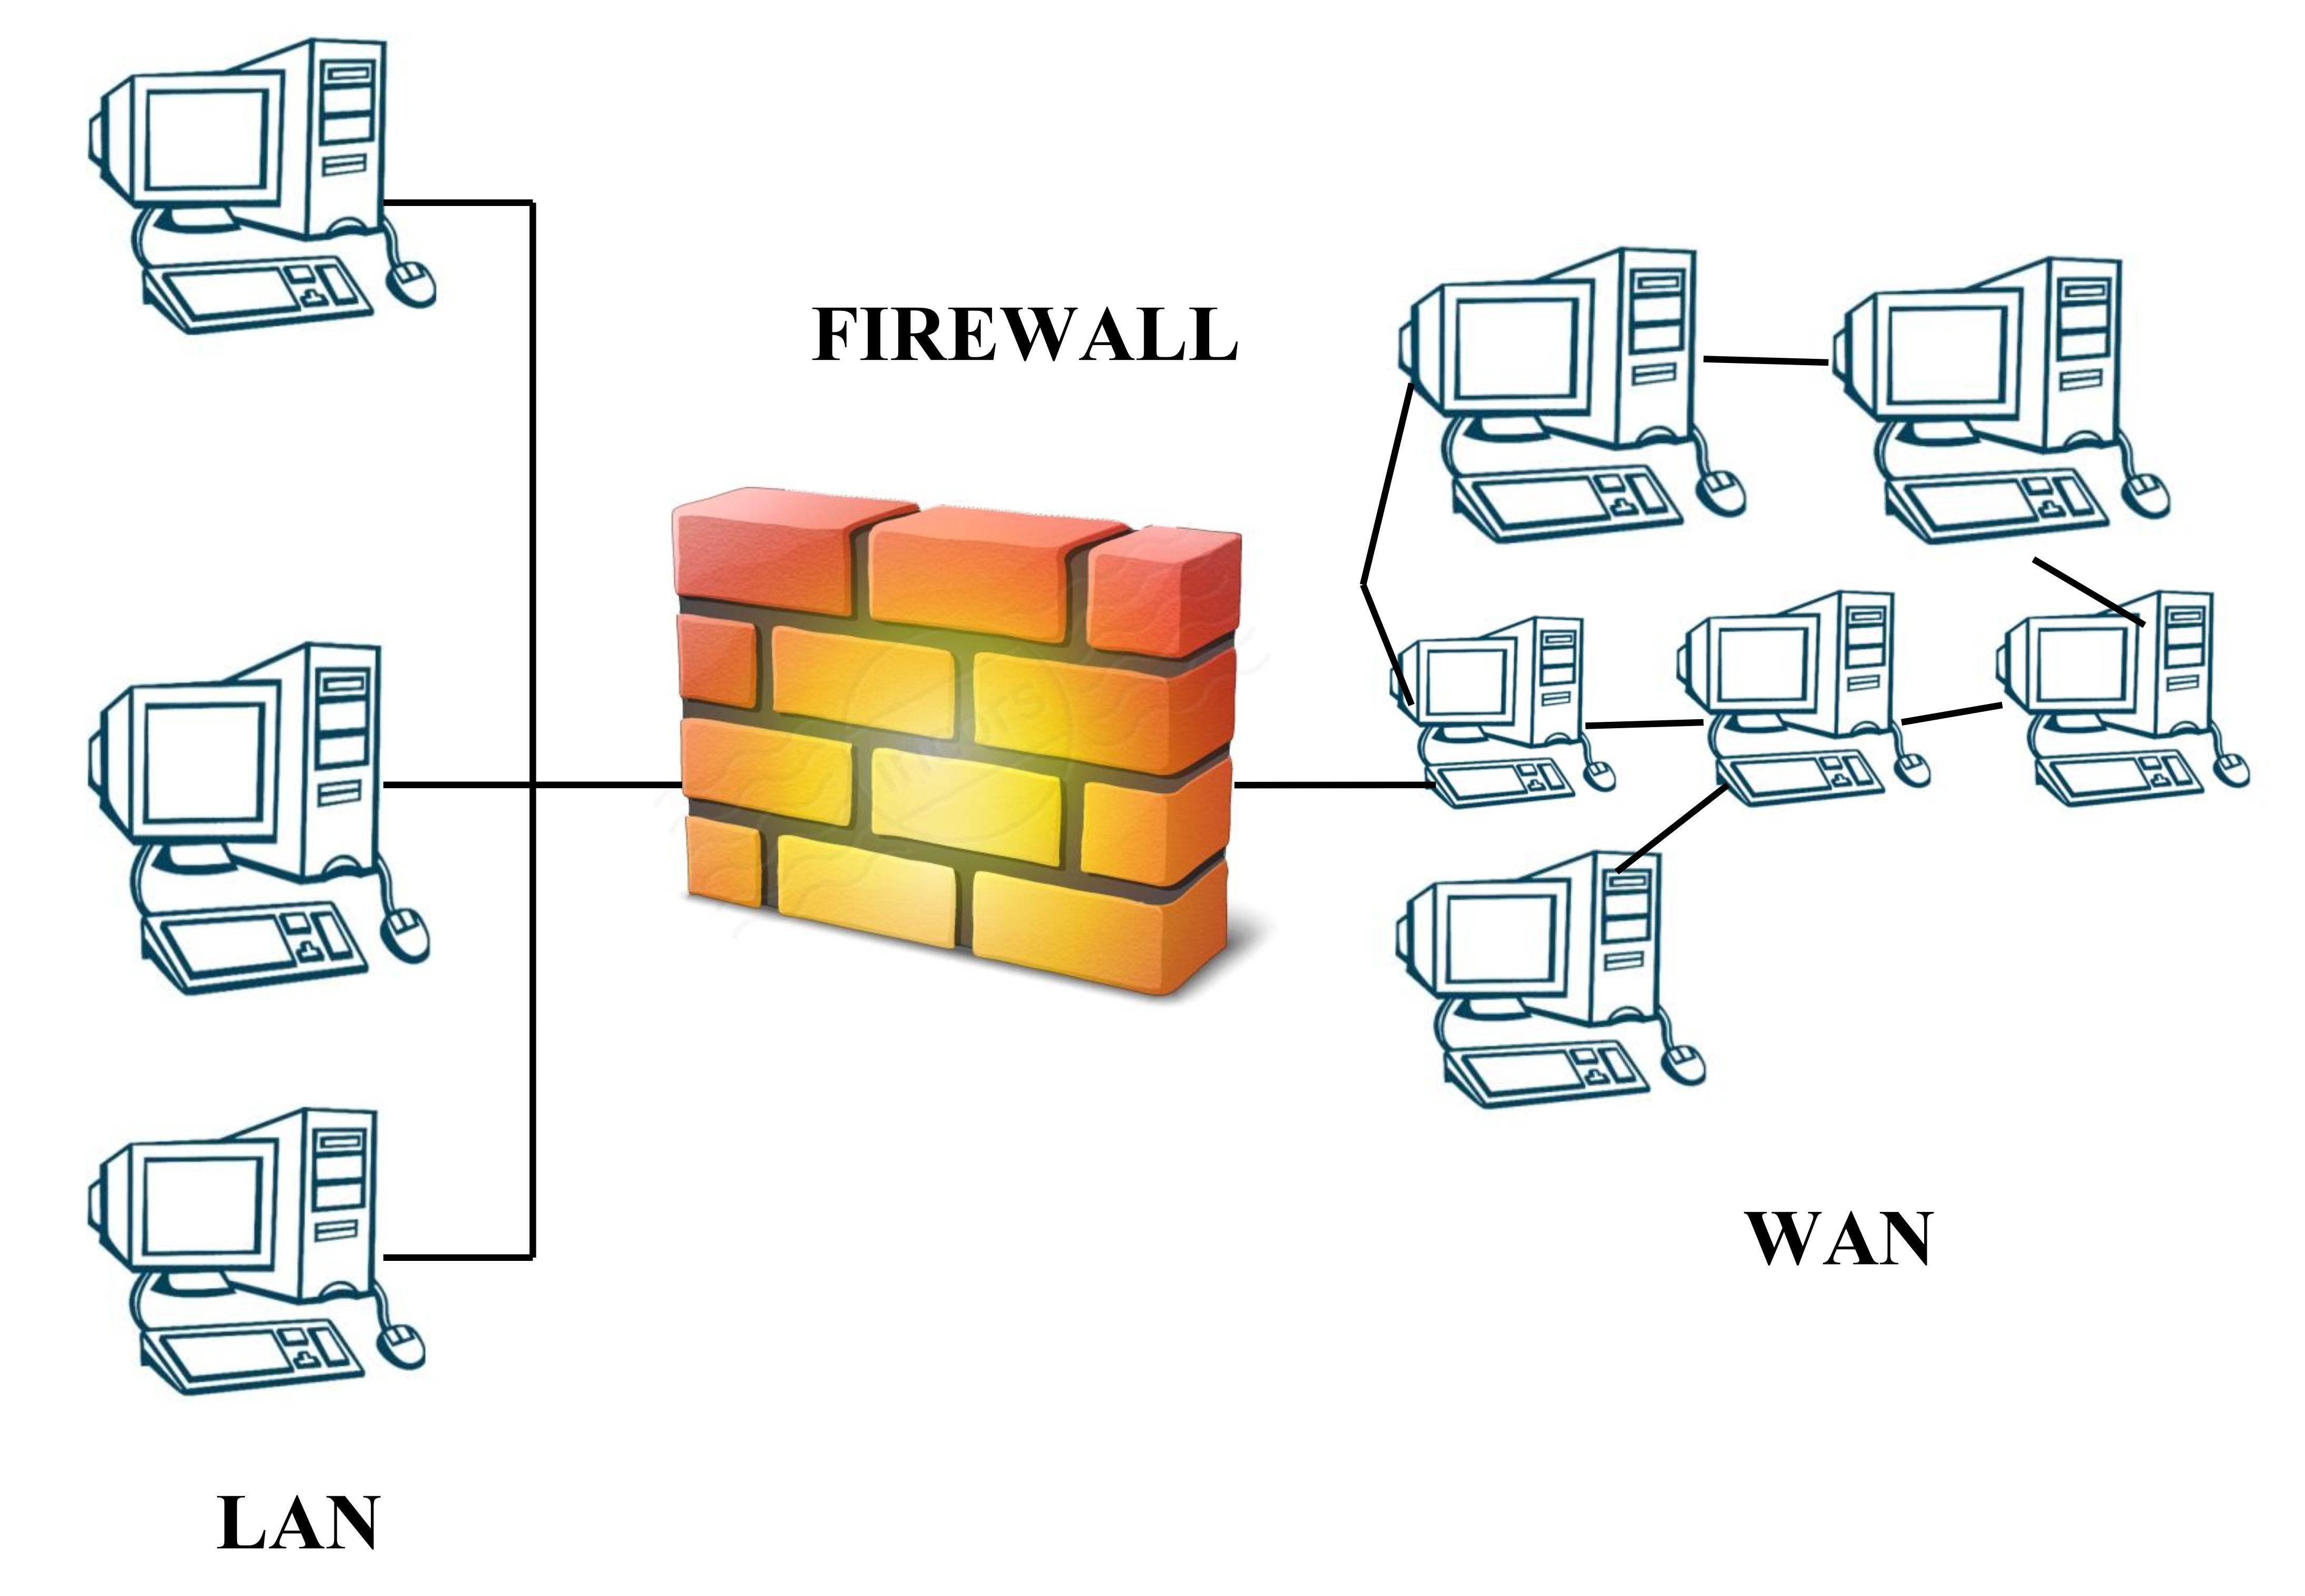 Что такое firewall: антивирус ли это либо же бесполезная вещь